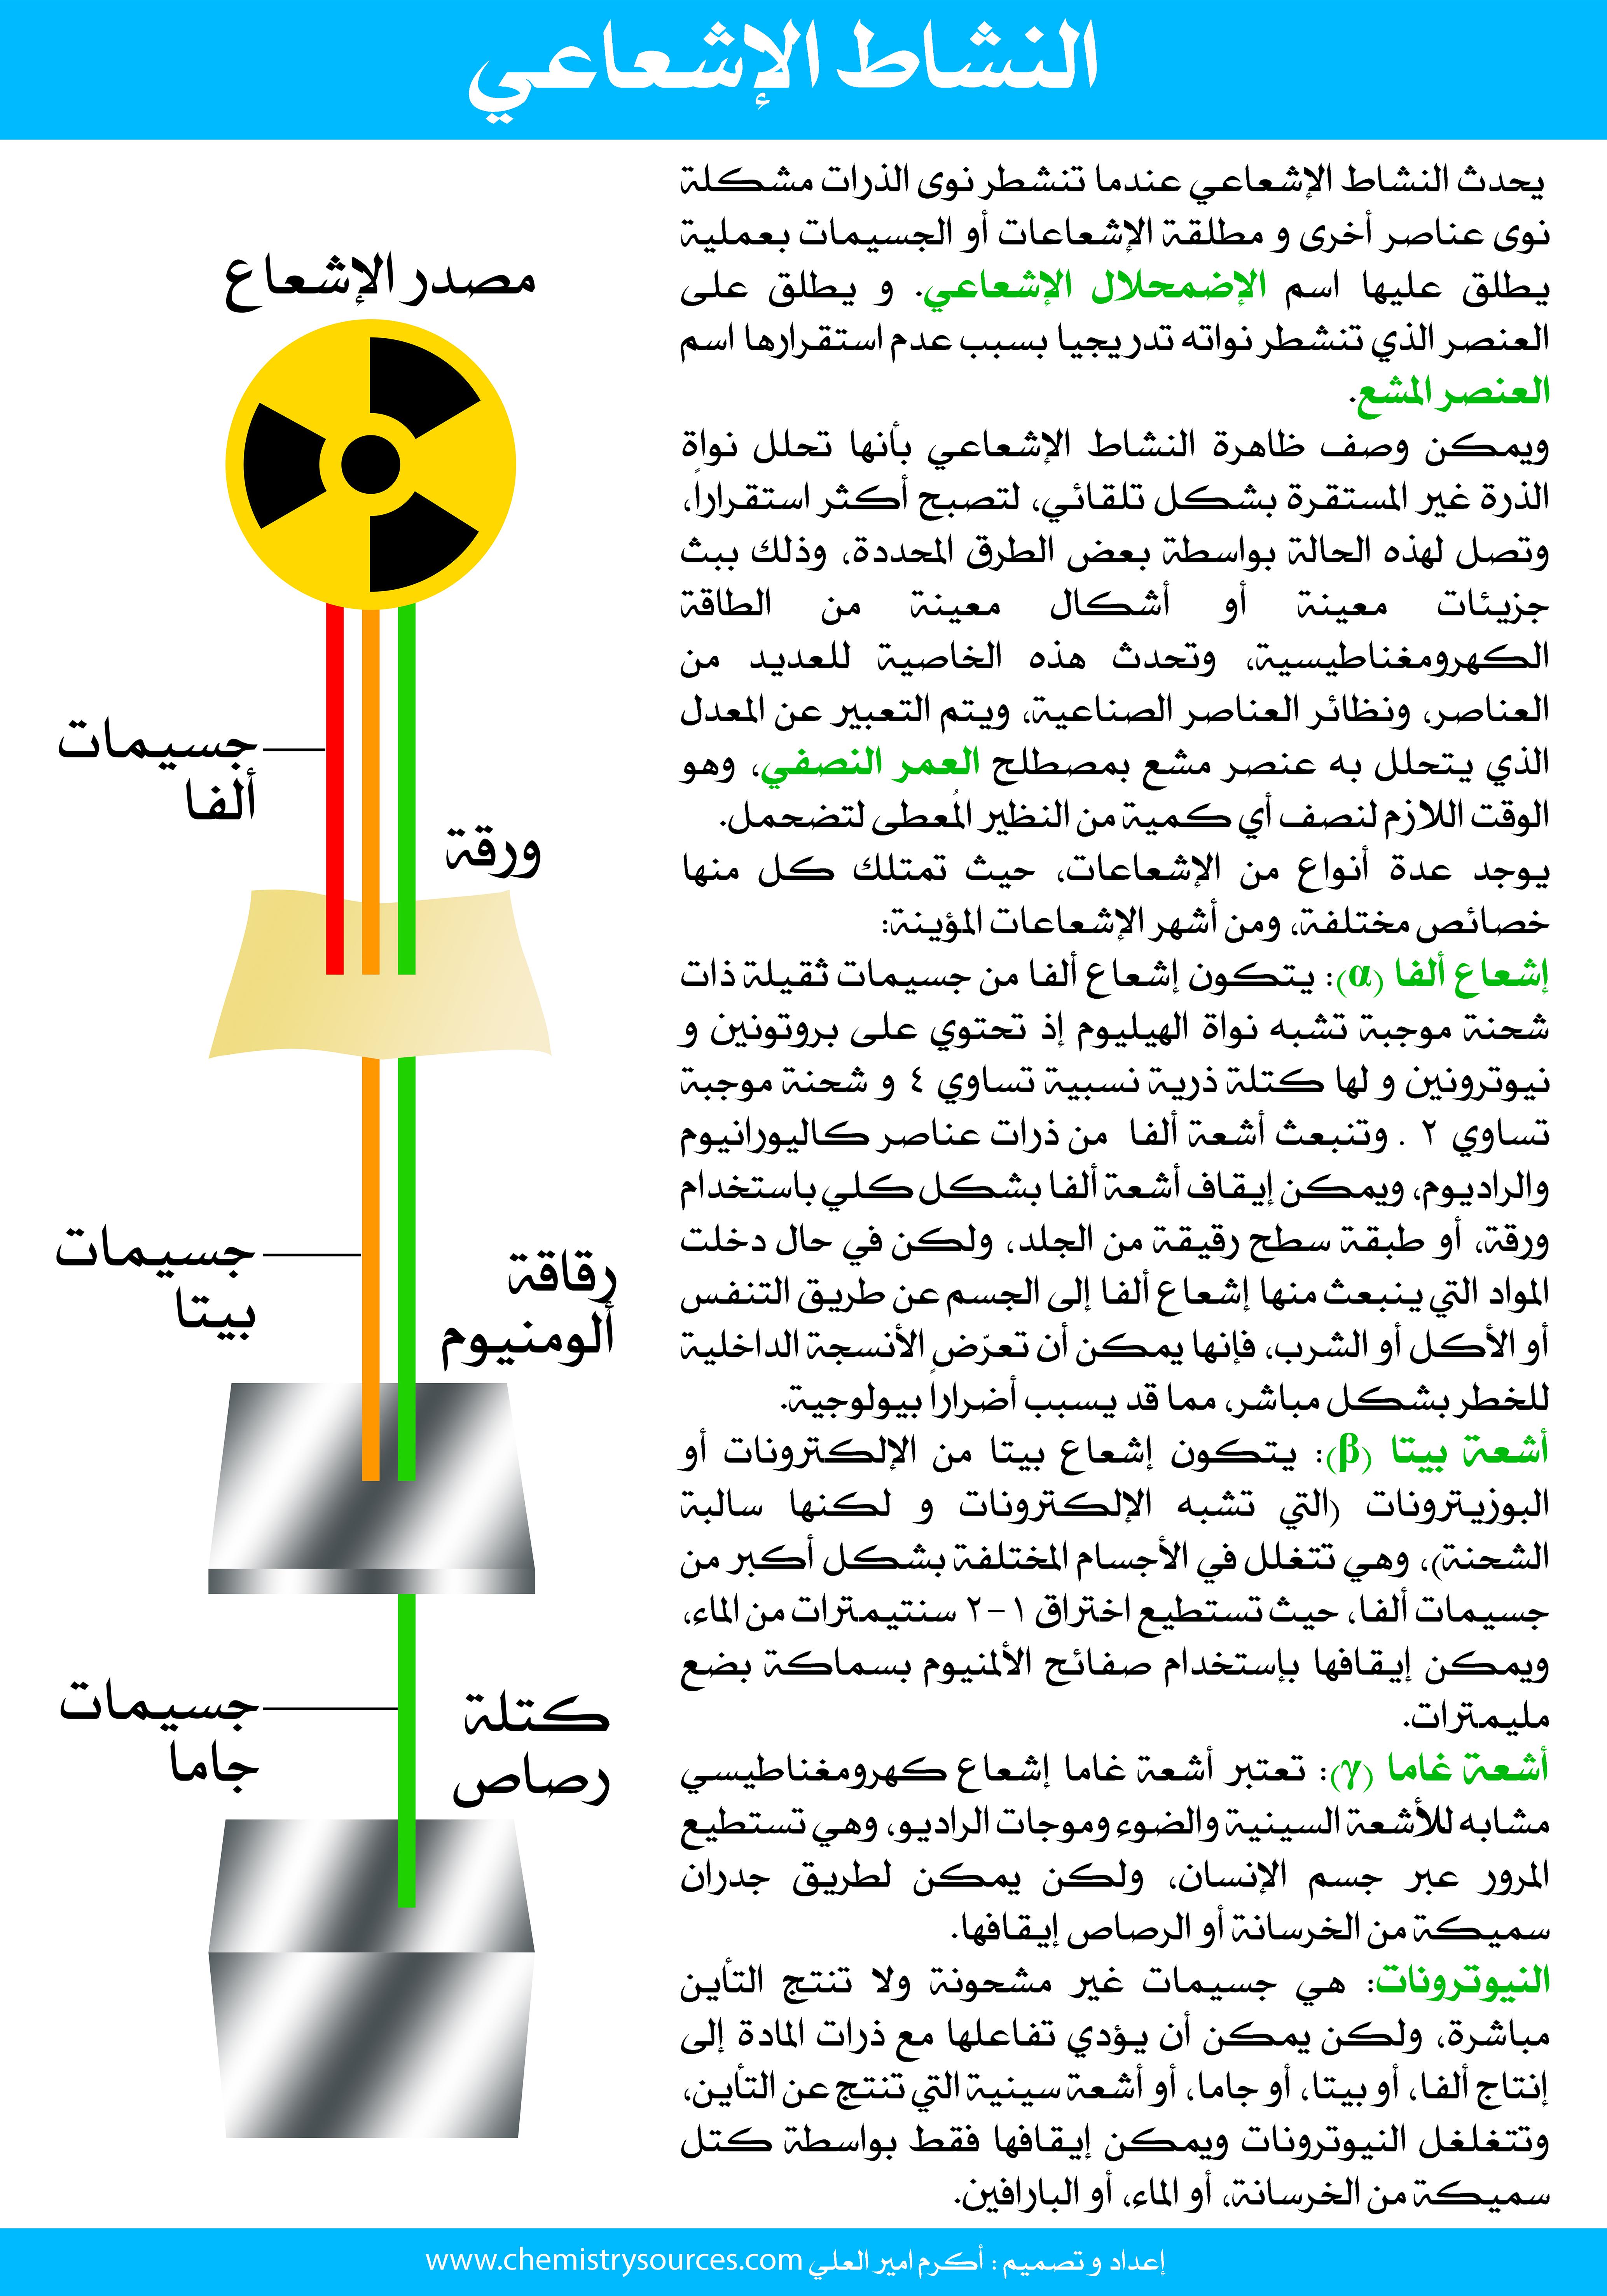 النشاط الإشعاعي